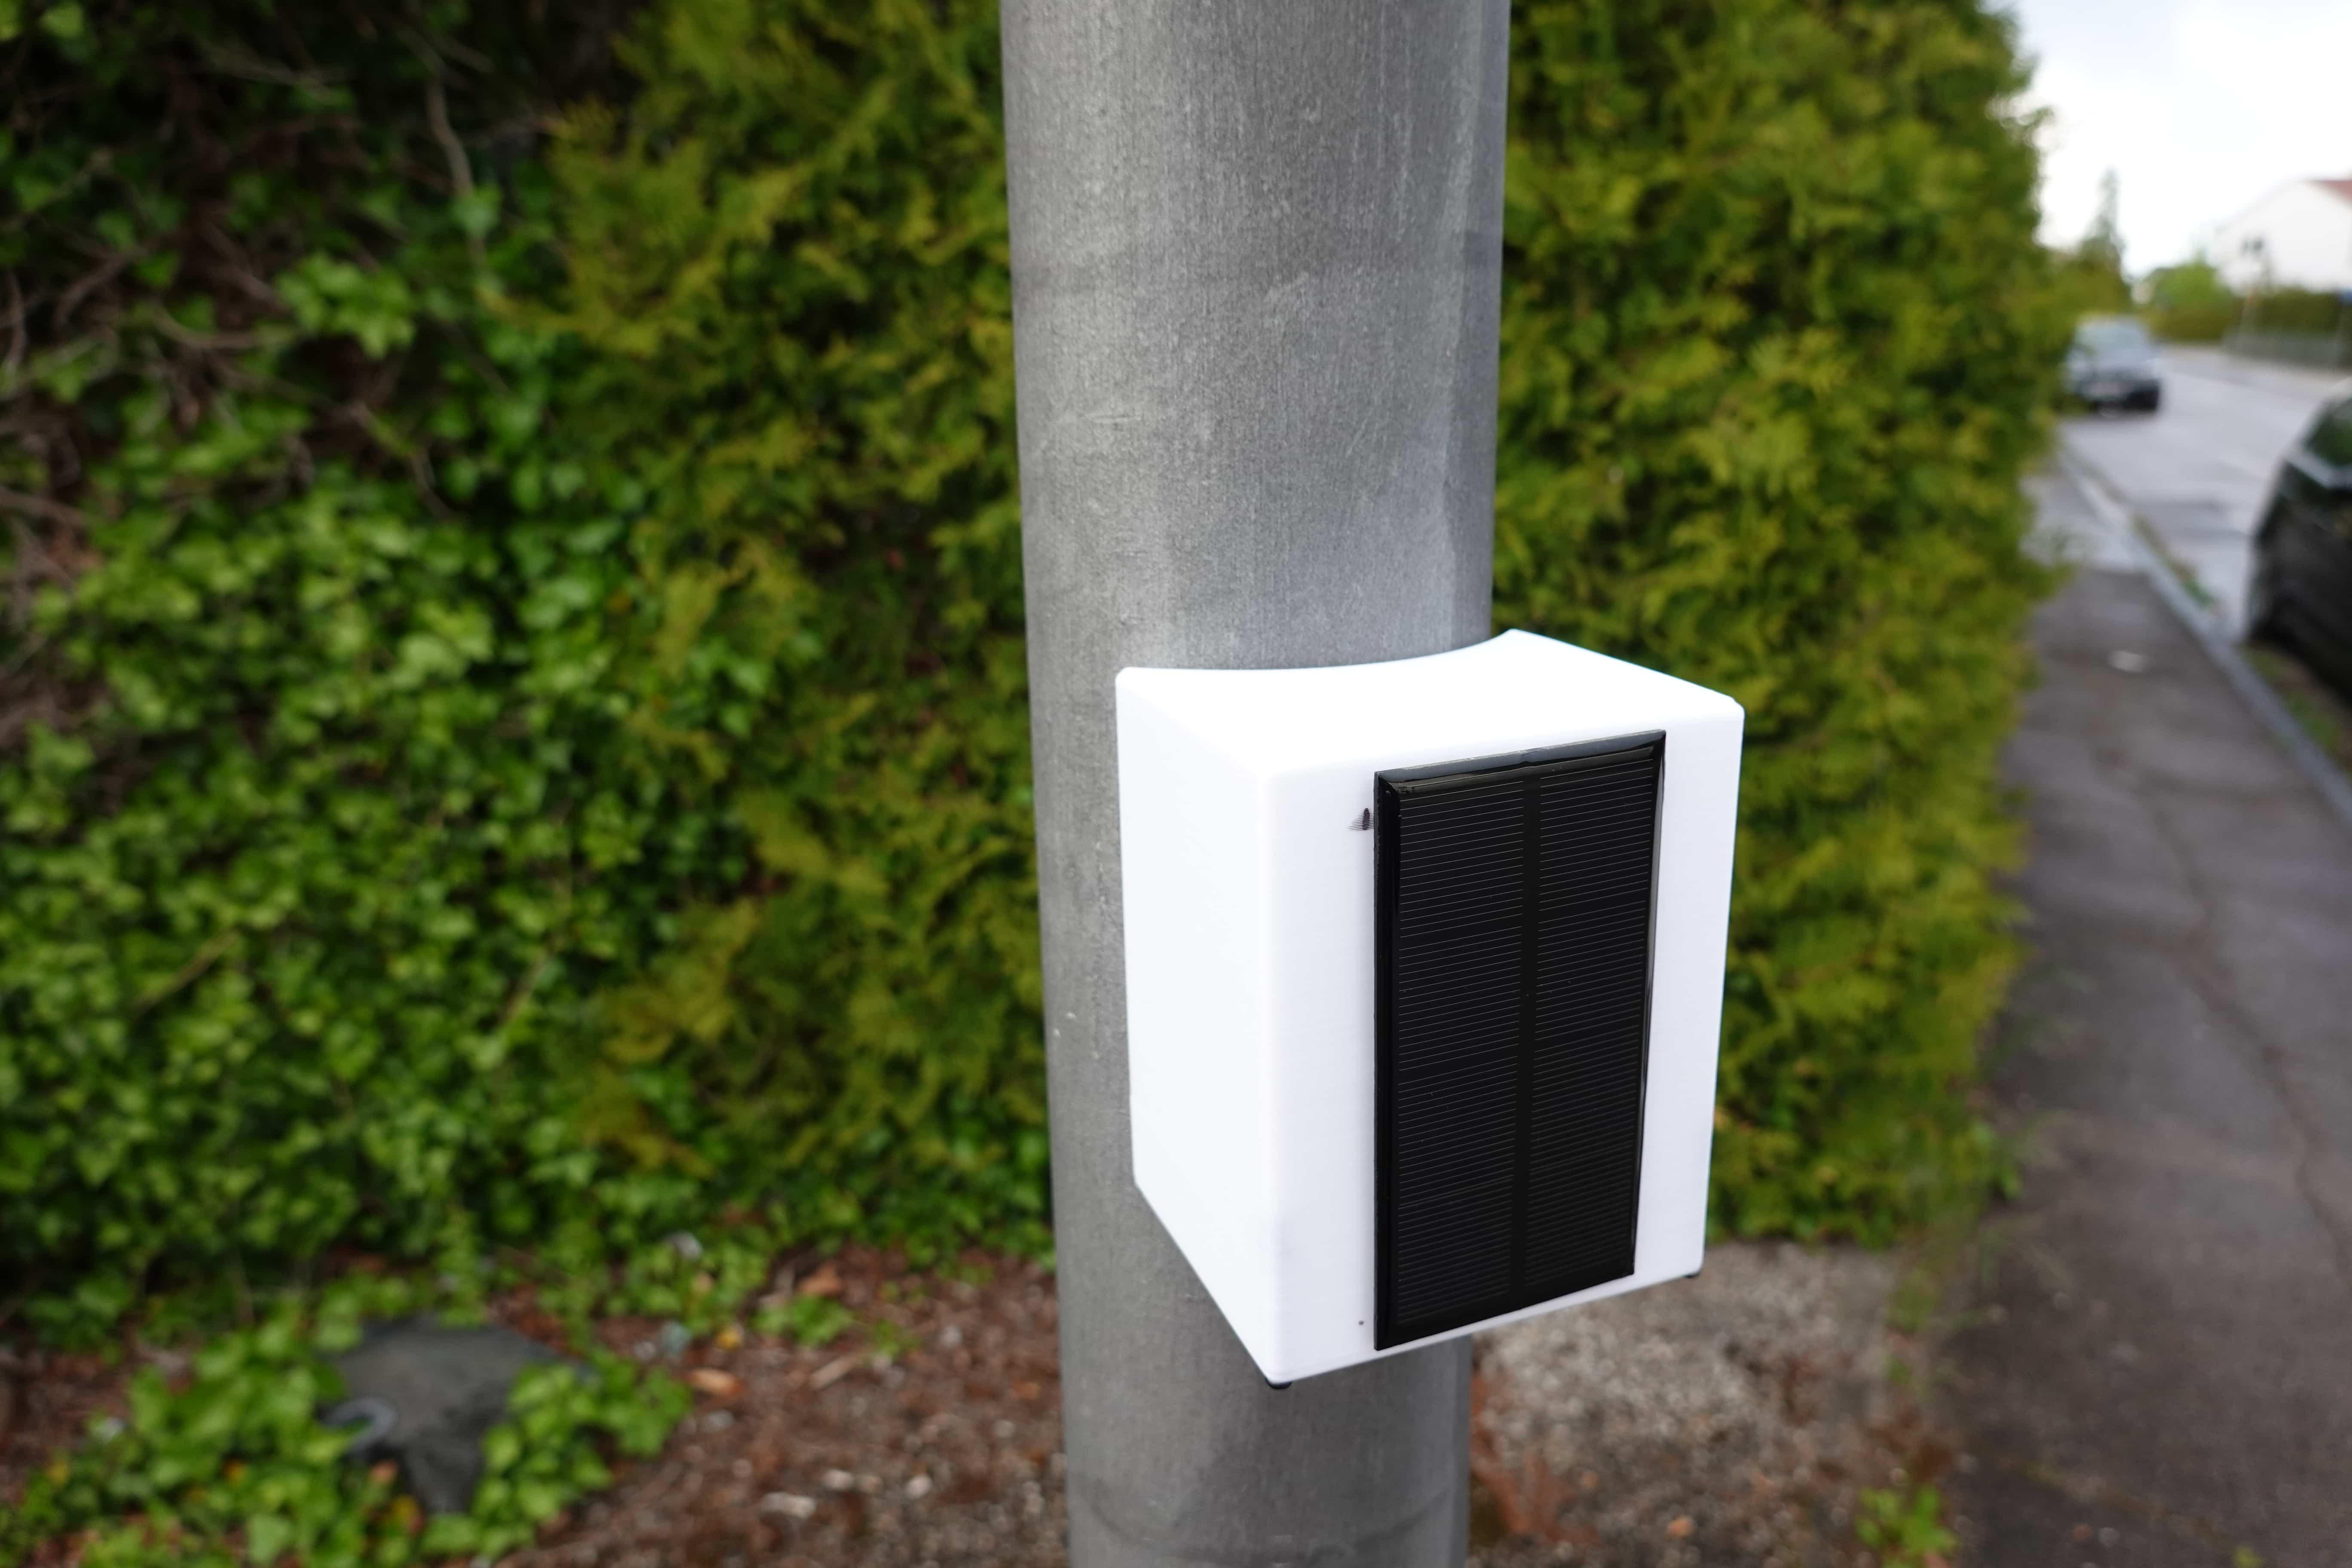 NoiseNet - Fighting Noise Pollution - Keysight IoT